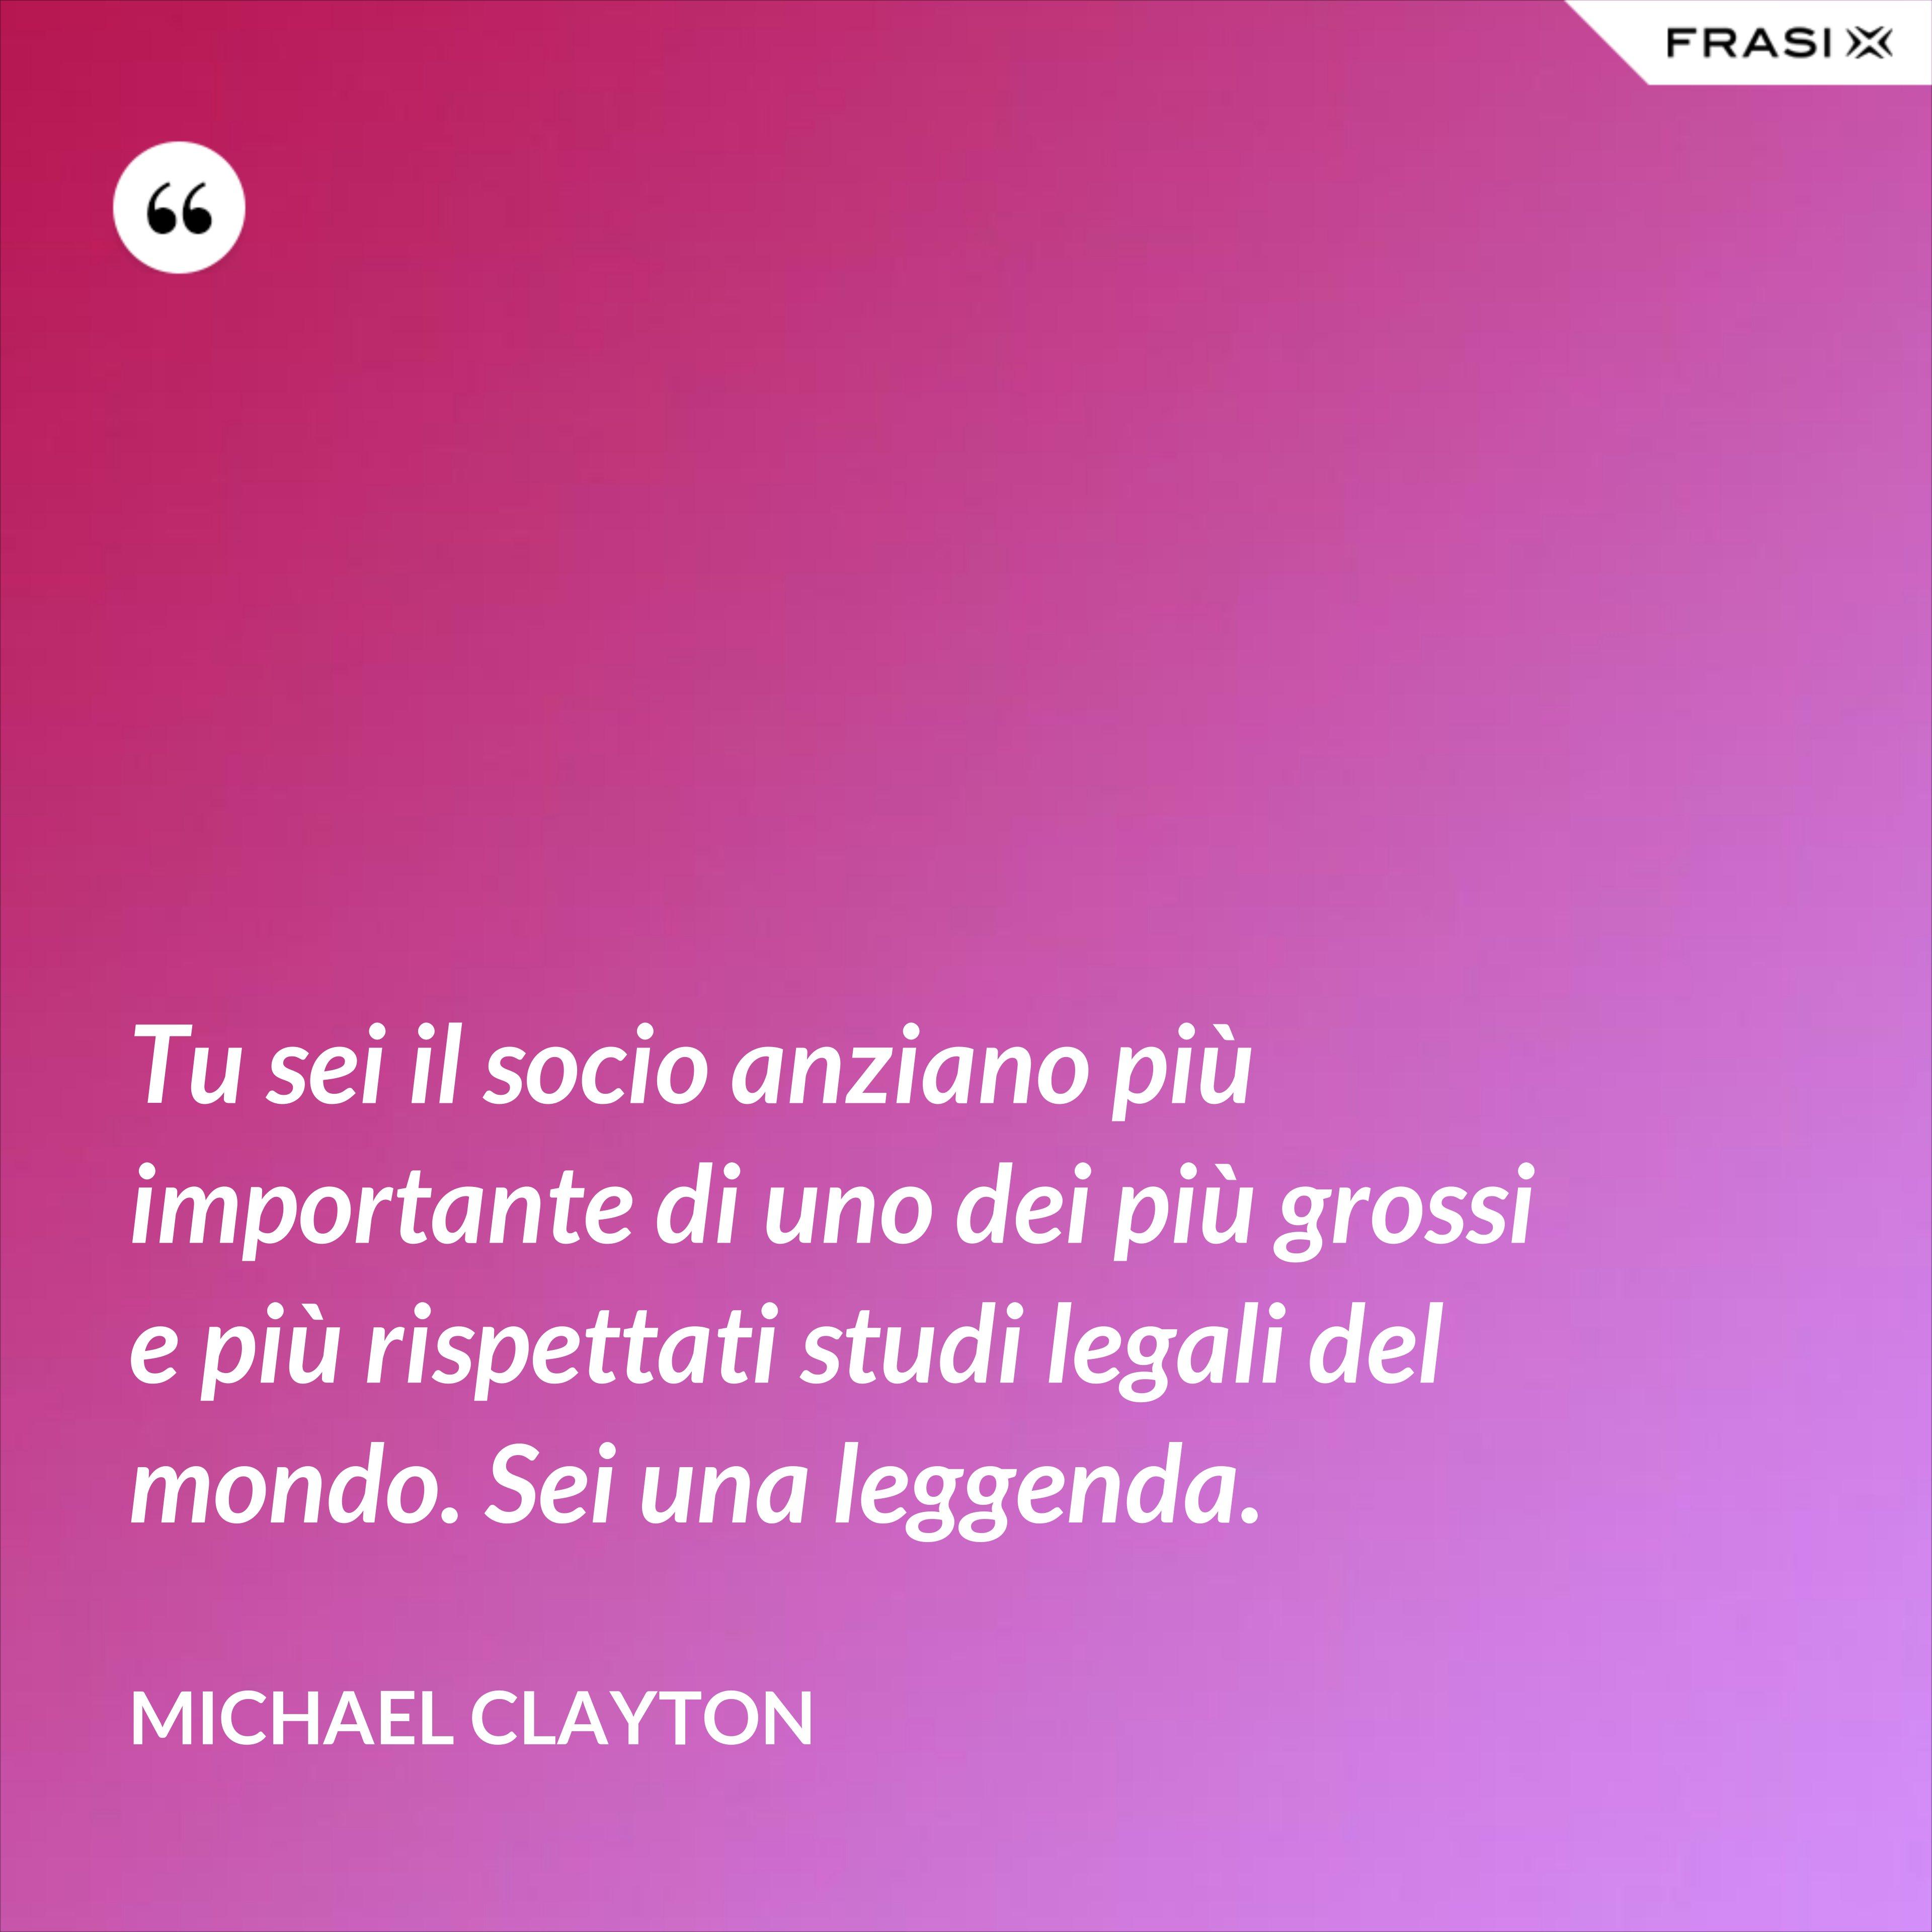 Tu sei il socio anziano più importante di uno dei più grossi e più rispettati studi legali del mondo. Sei una leggenda. - Michael Clayton